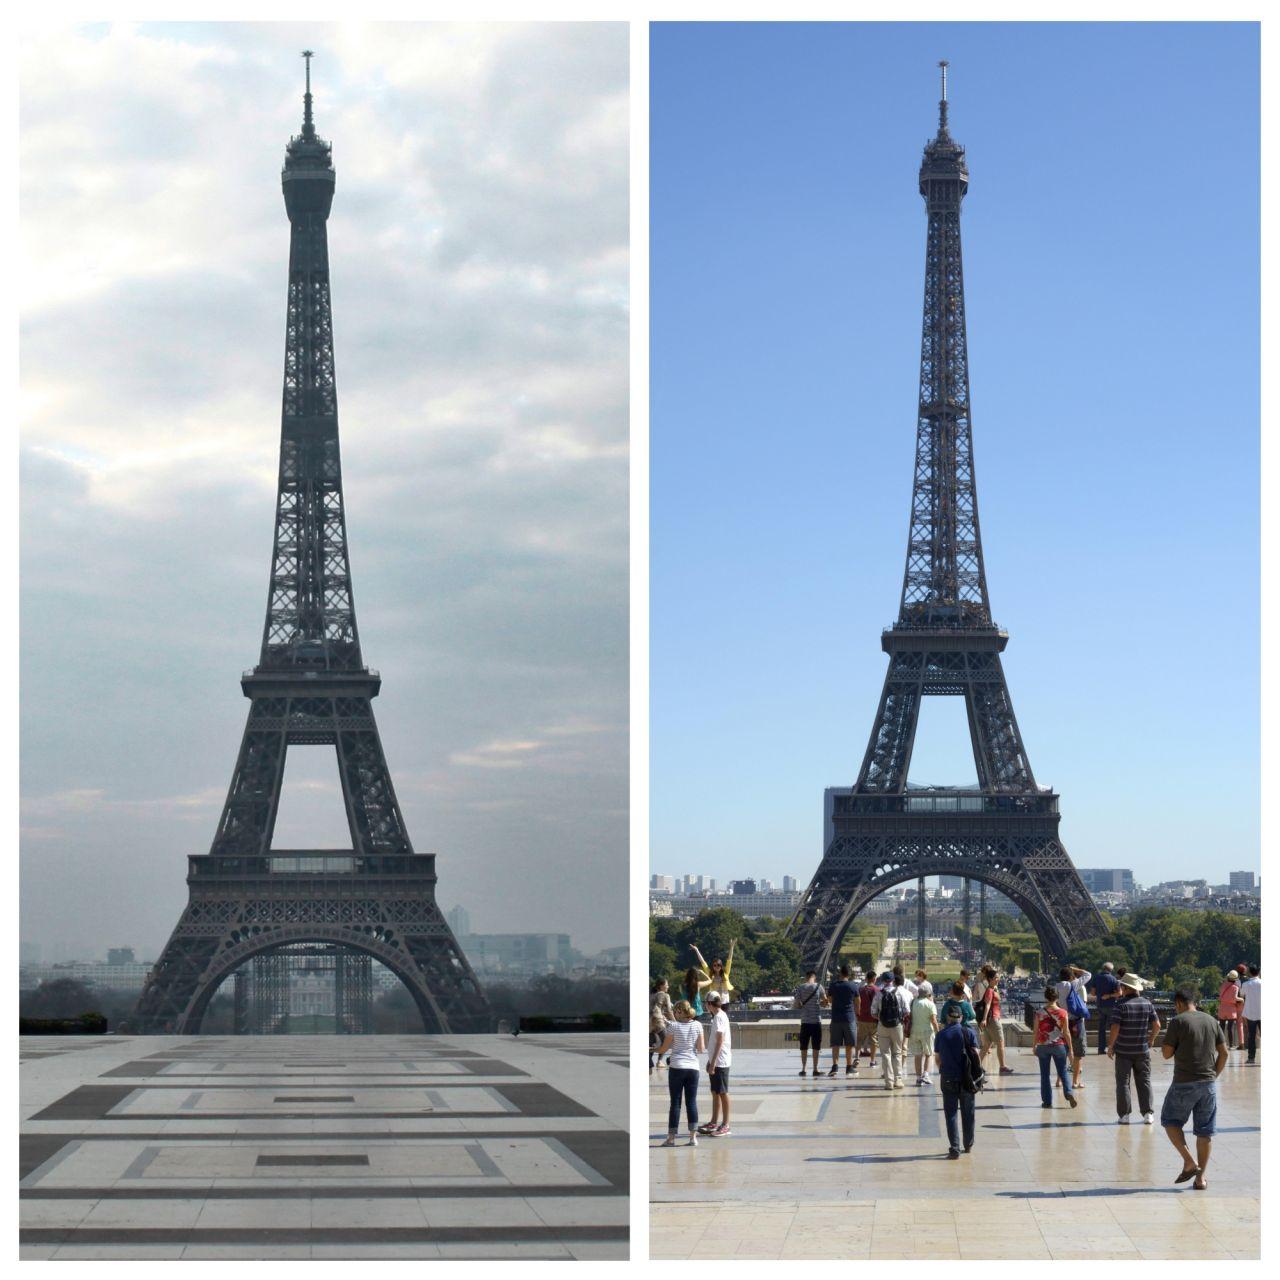 Ein menschenleerer Trocadero-Platz vor dem Eiffelturm im Vergleich zum Normalzustand.